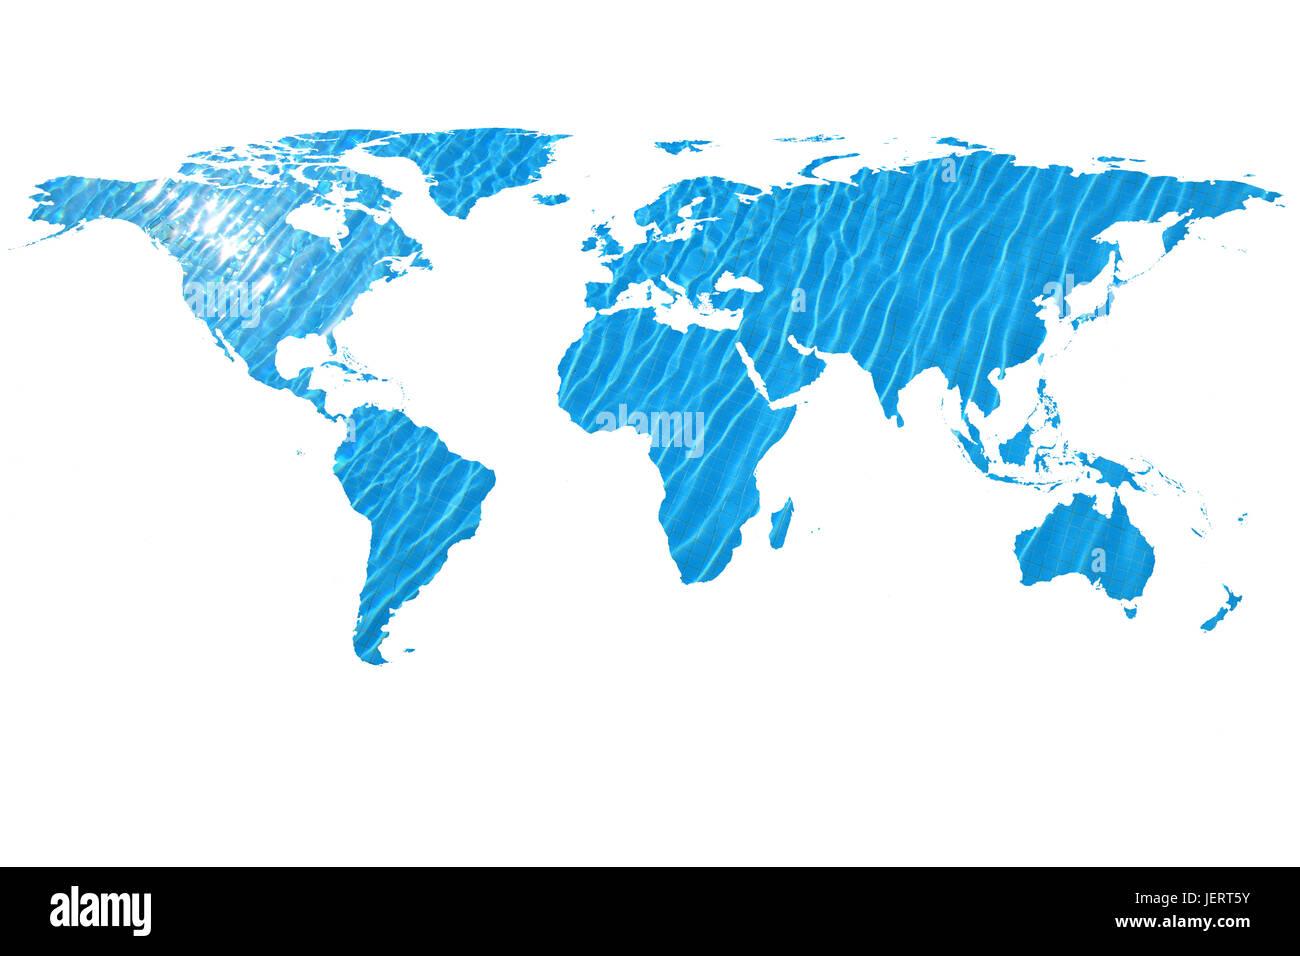 Imagen conceptual de flat mapa del mundo y el agua. NASA mapa del mundo plano imagen utilizada para suministrar Imagen De Stock